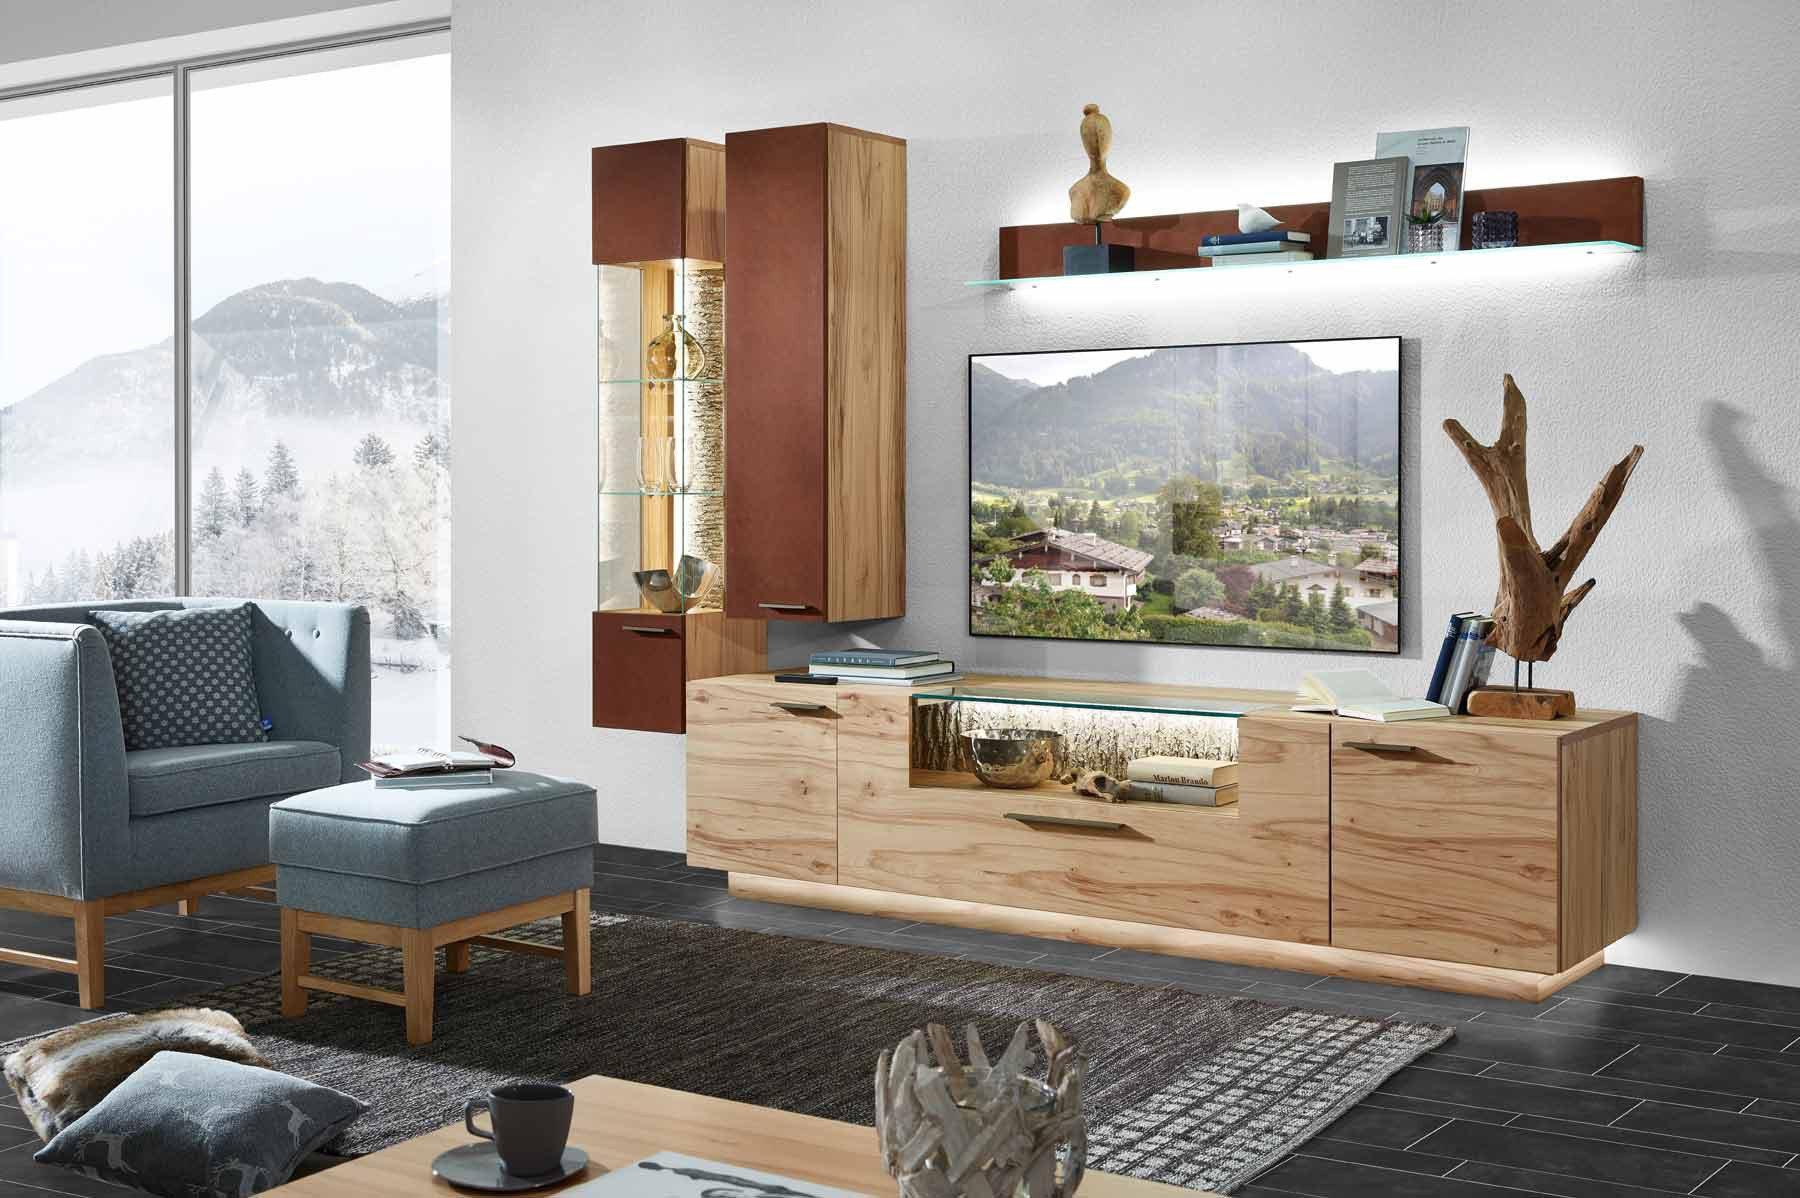 schr der m bel wohnwand kitzalm pur kernwildasteiche. Black Bedroom Furniture Sets. Home Design Ideas